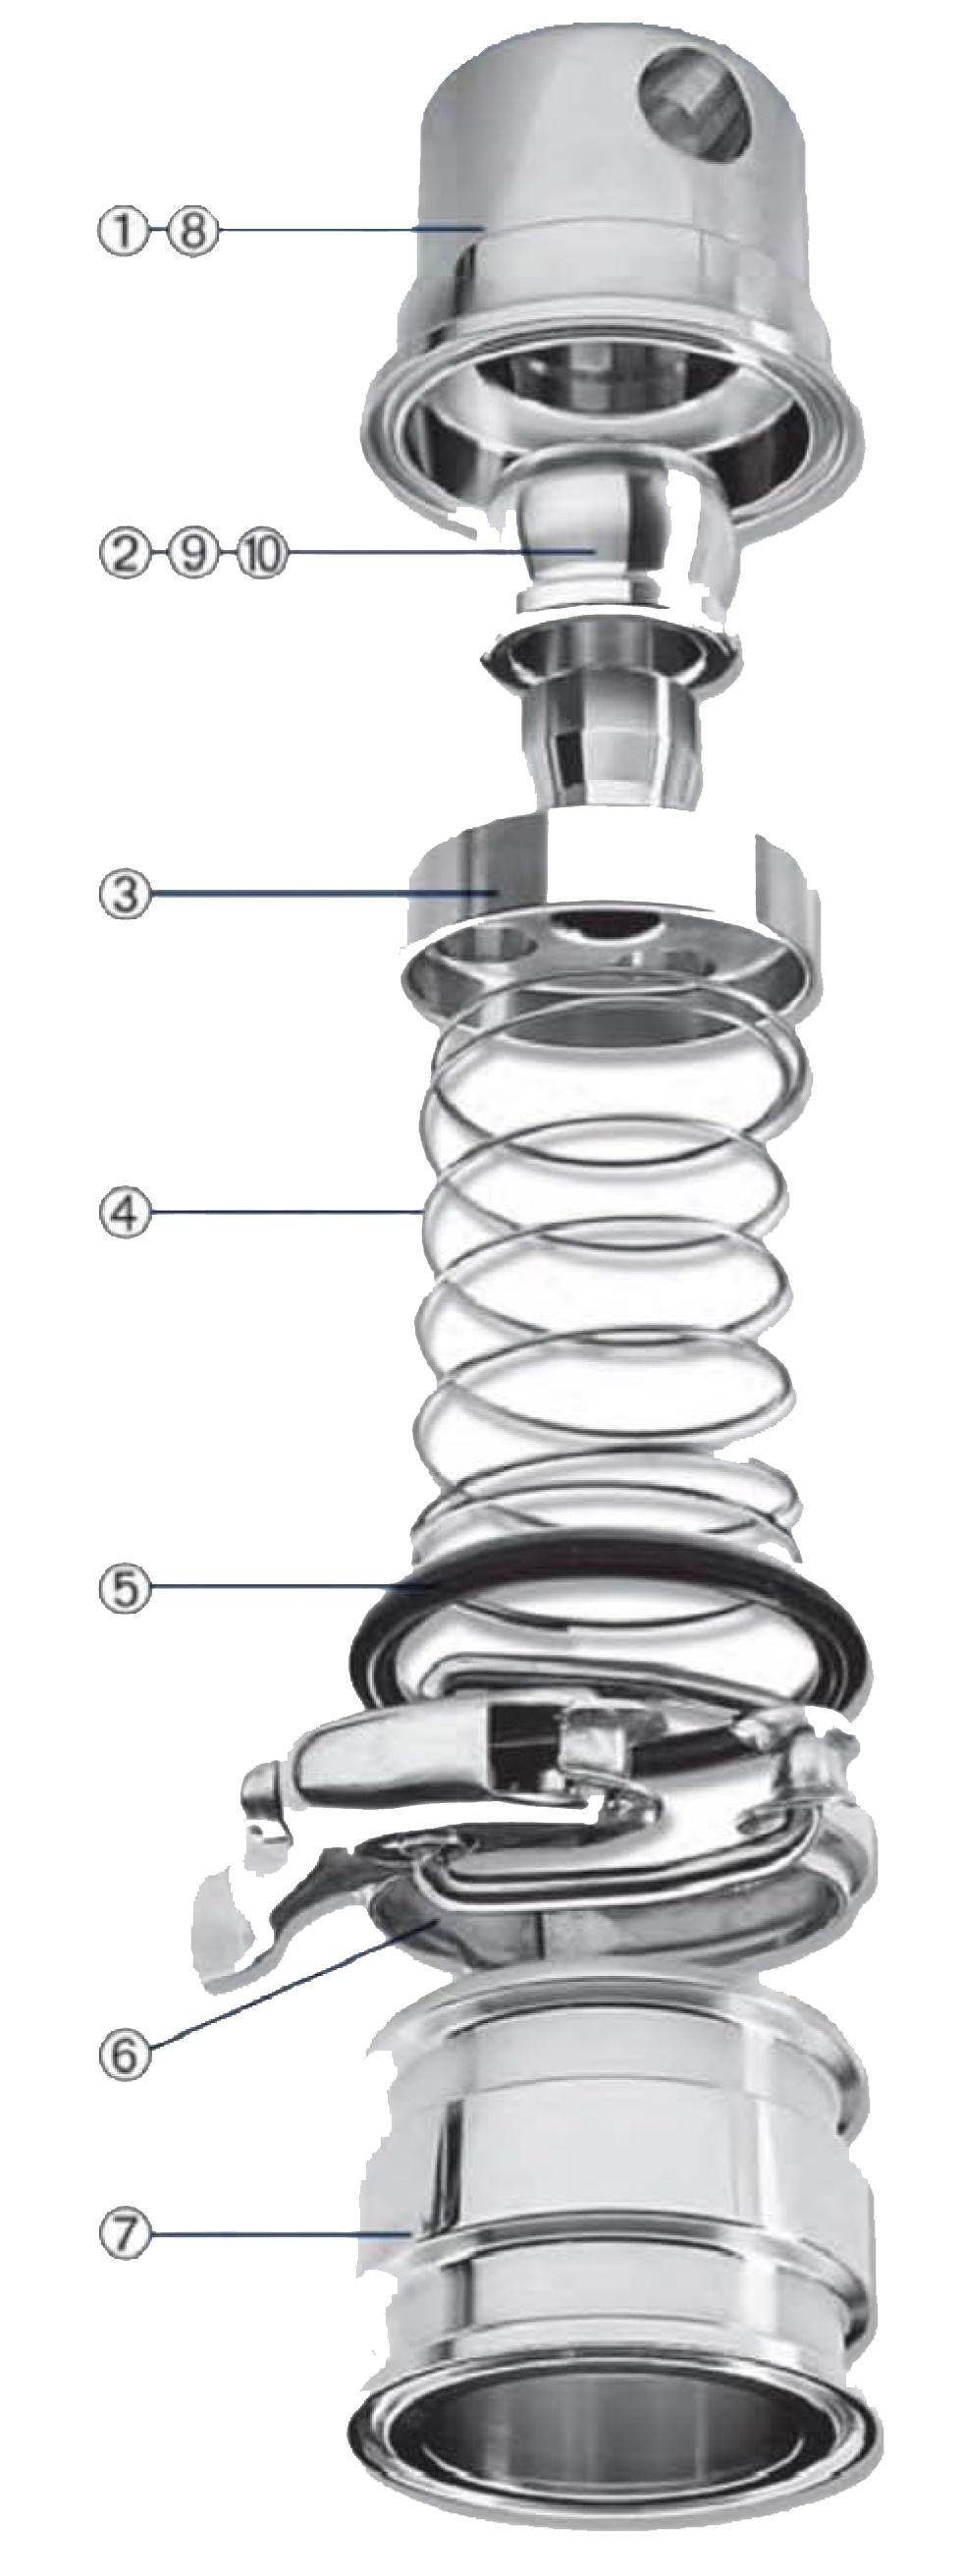 QV-Vacuum Breaker